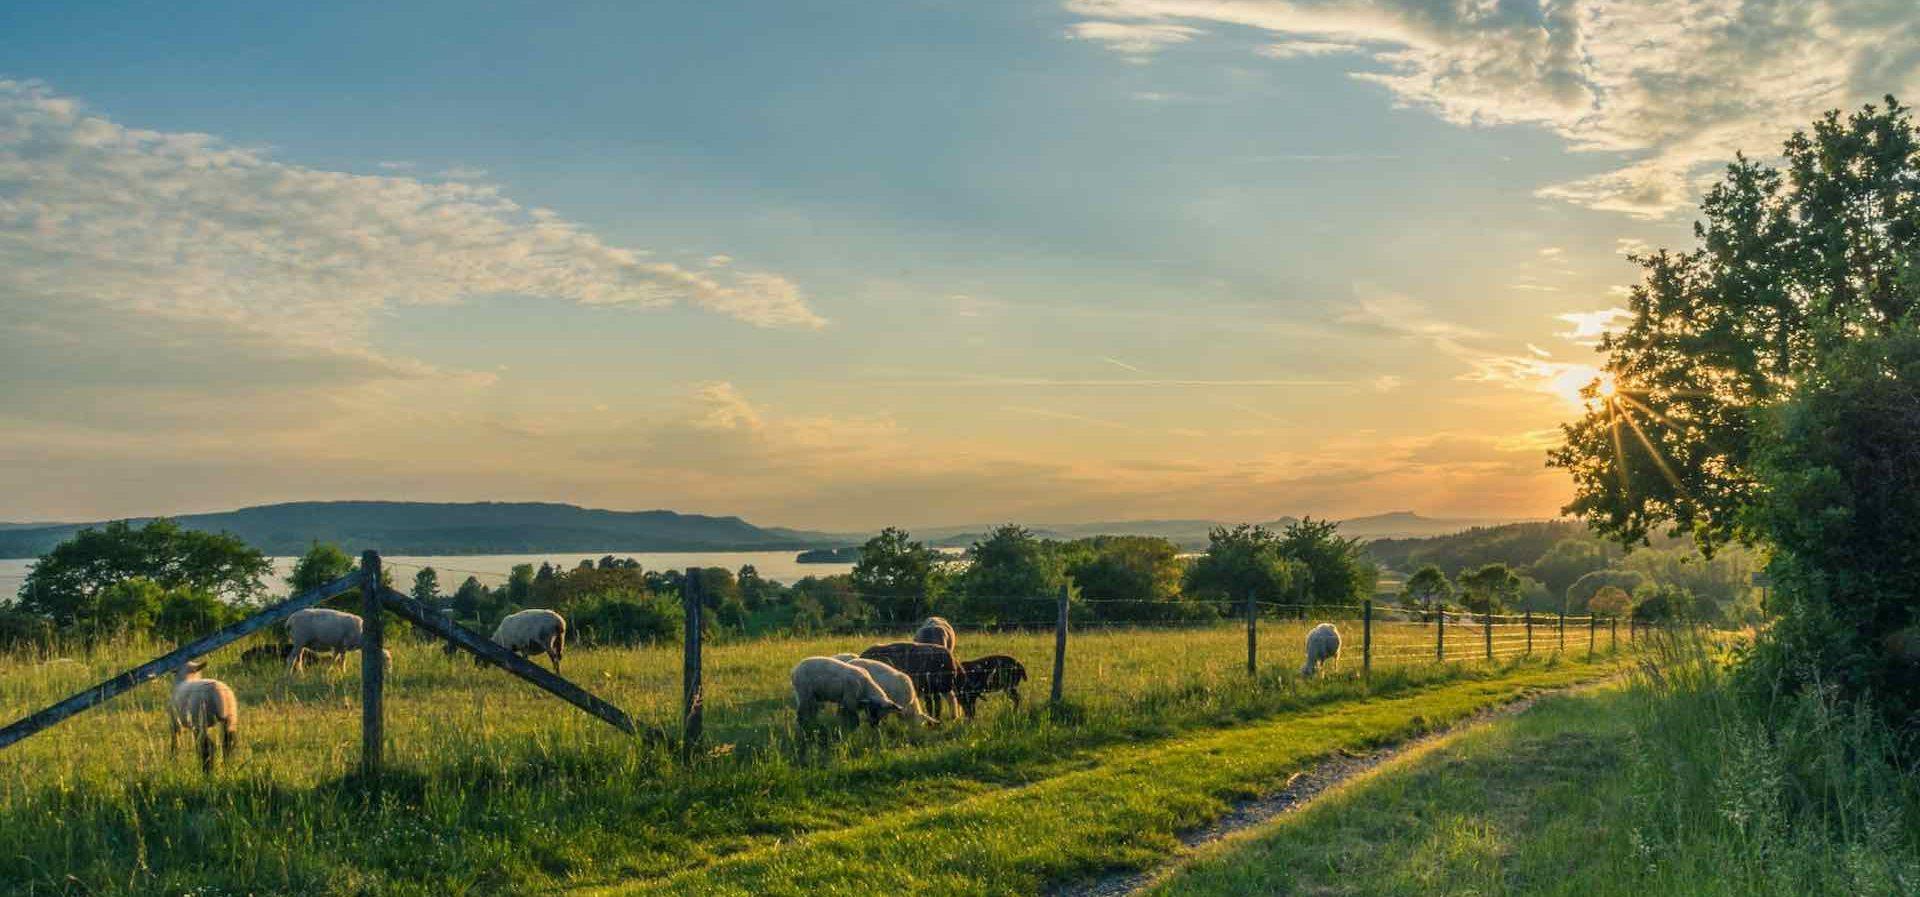 paysage et moutons